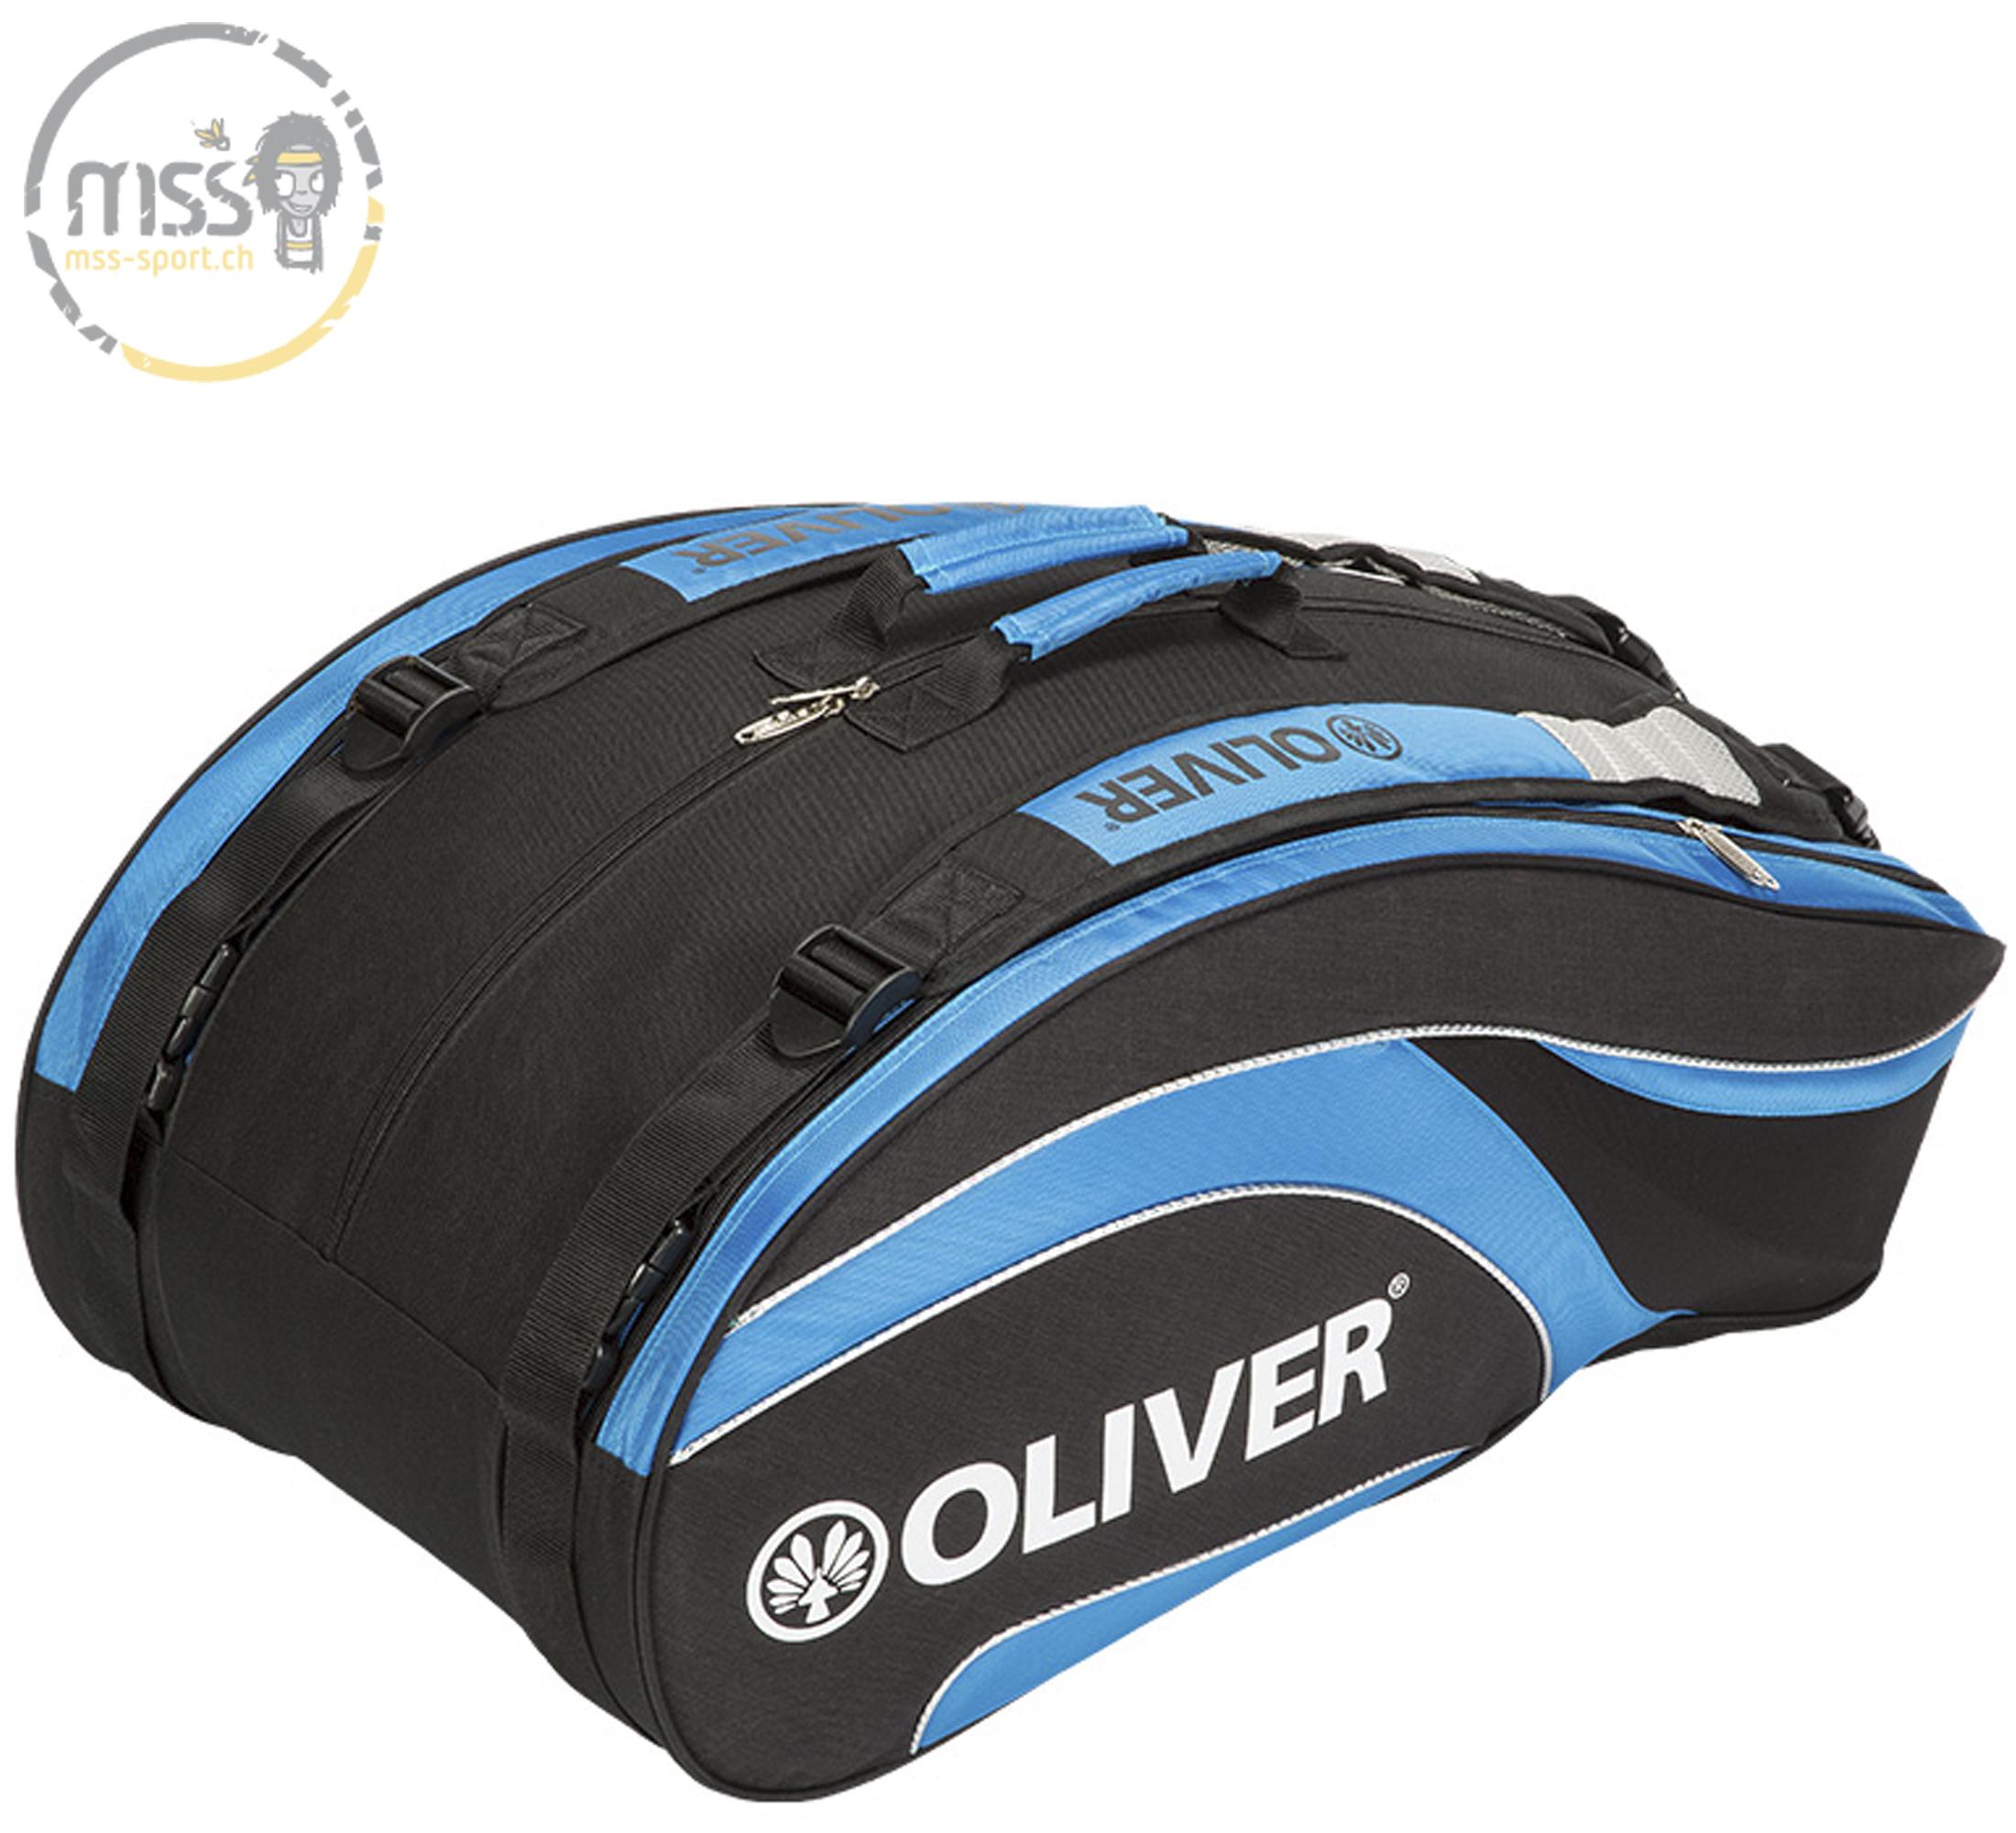 Oliver Triplebag XL black/blue